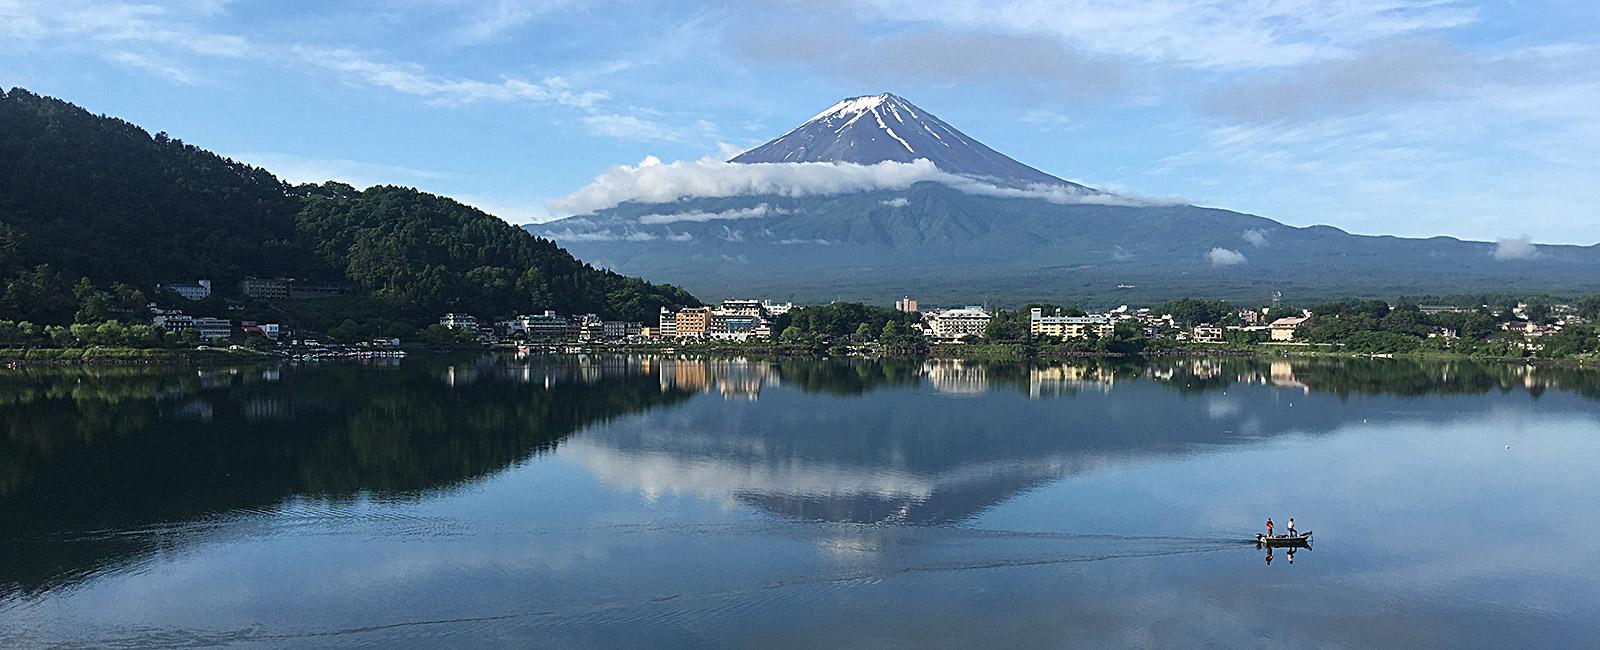 Fujisan spiegelt sich im See